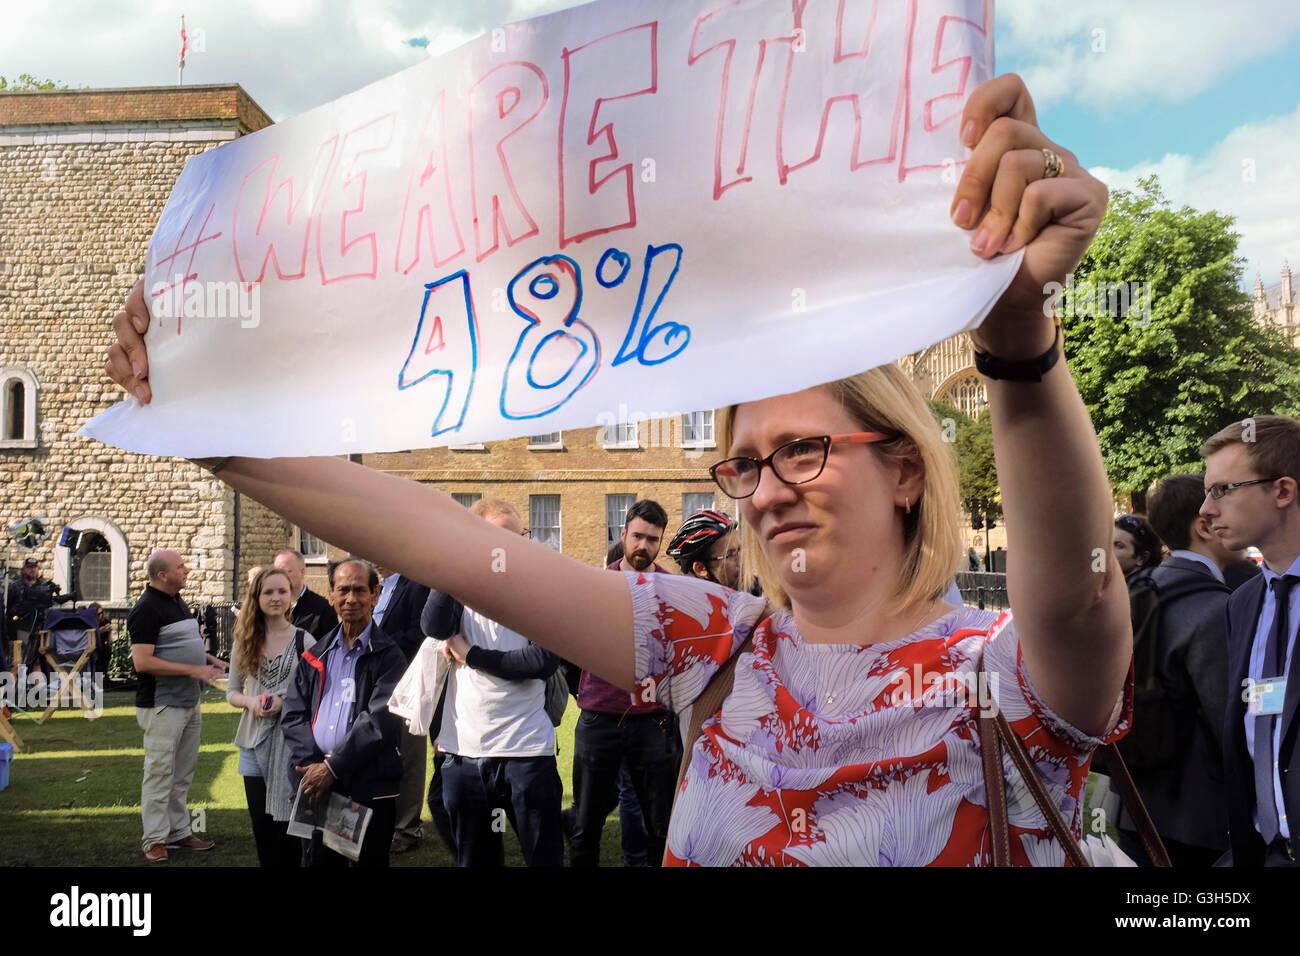 Londres, Royaume-Uni. 24 juin 2016. Pro rester partisan est titulaire signe montrant pourcentage des électeurs Photo Stock